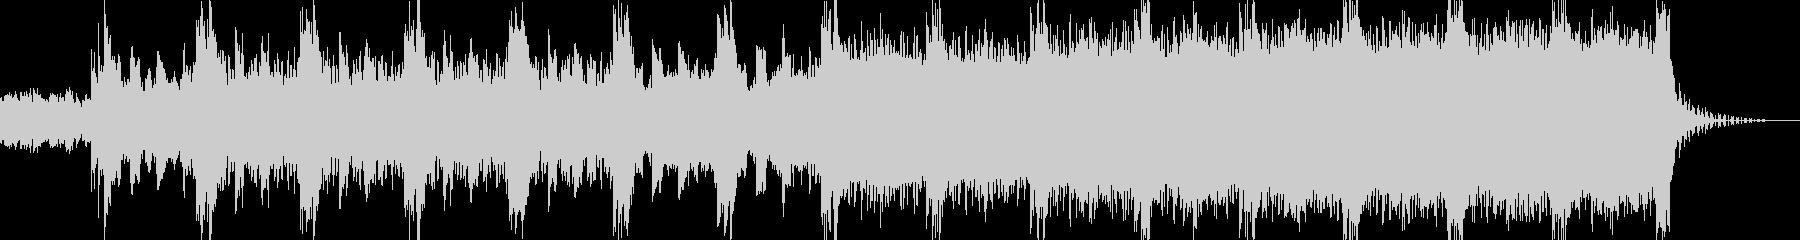 ピアノメインの疾走感溢れるドラムンベースの未再生の波形